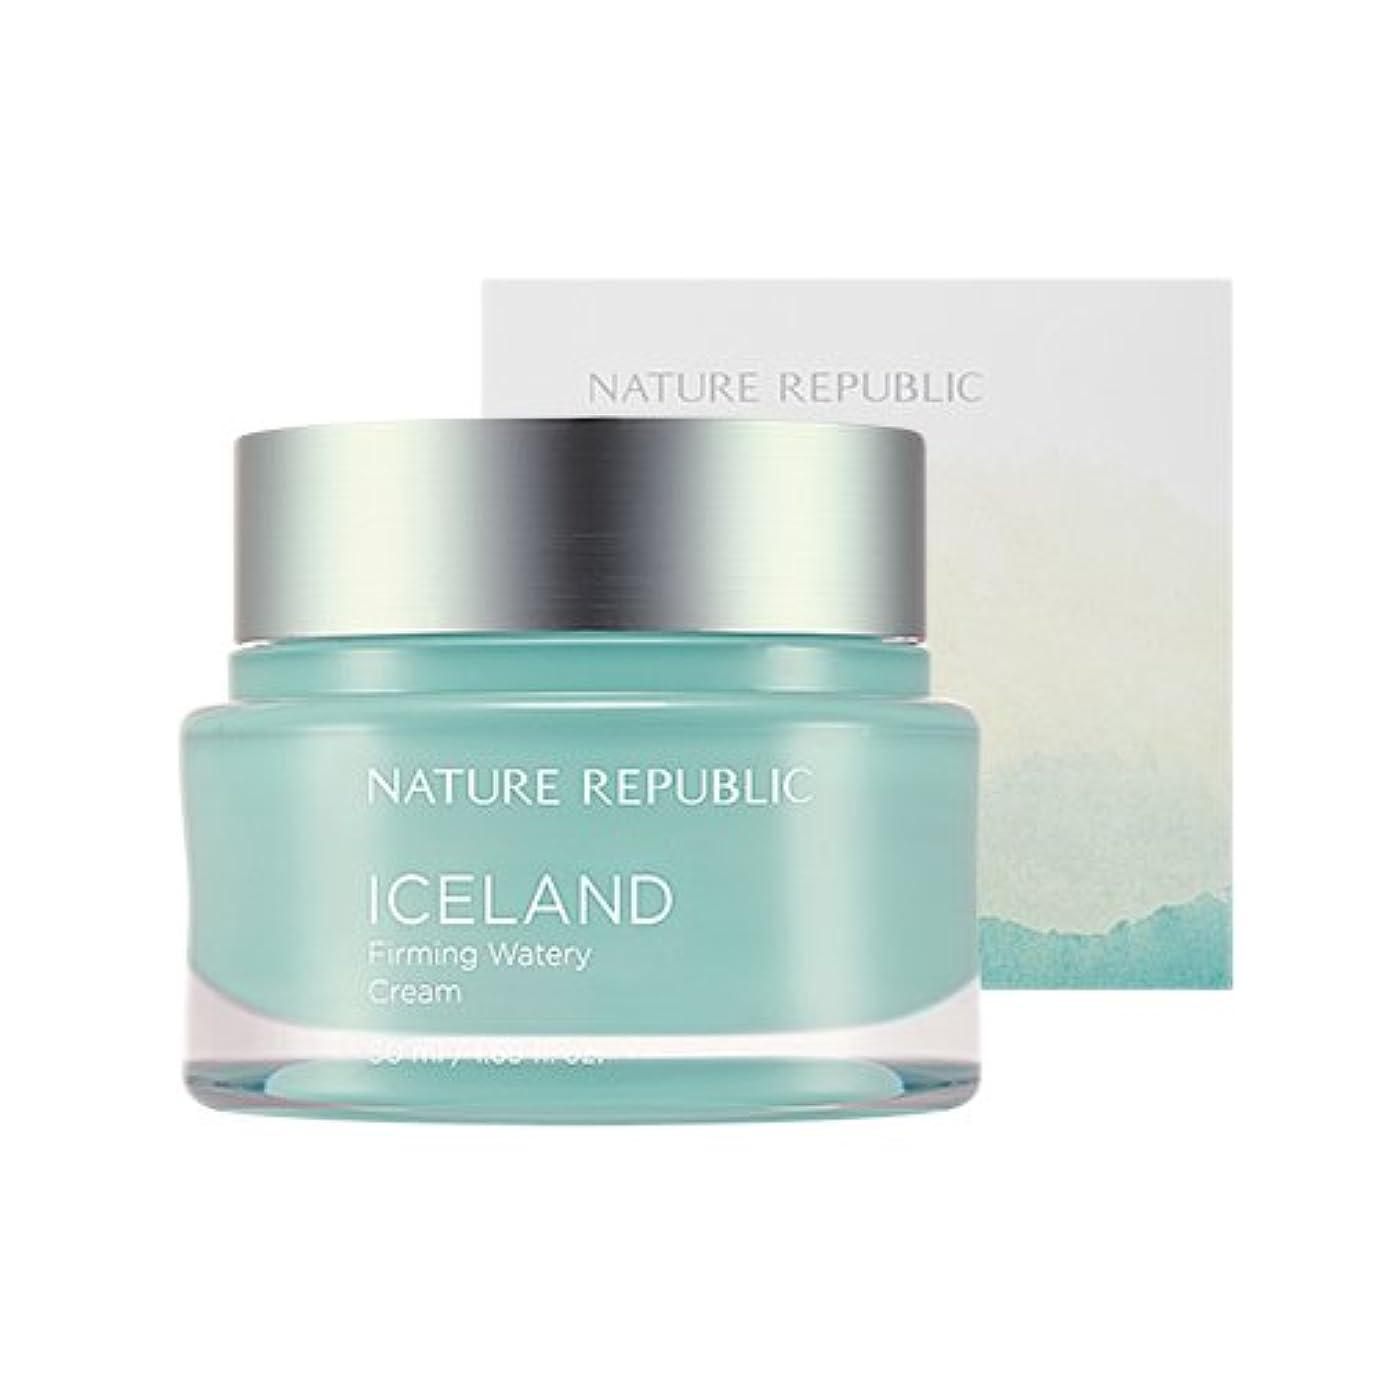 小さい無限臭いNature Republic Iceland Firming Watery Cream 50ml / ネイチャーリパブリック アイスファーミング水分クリーム 50ml [並行輸入品]